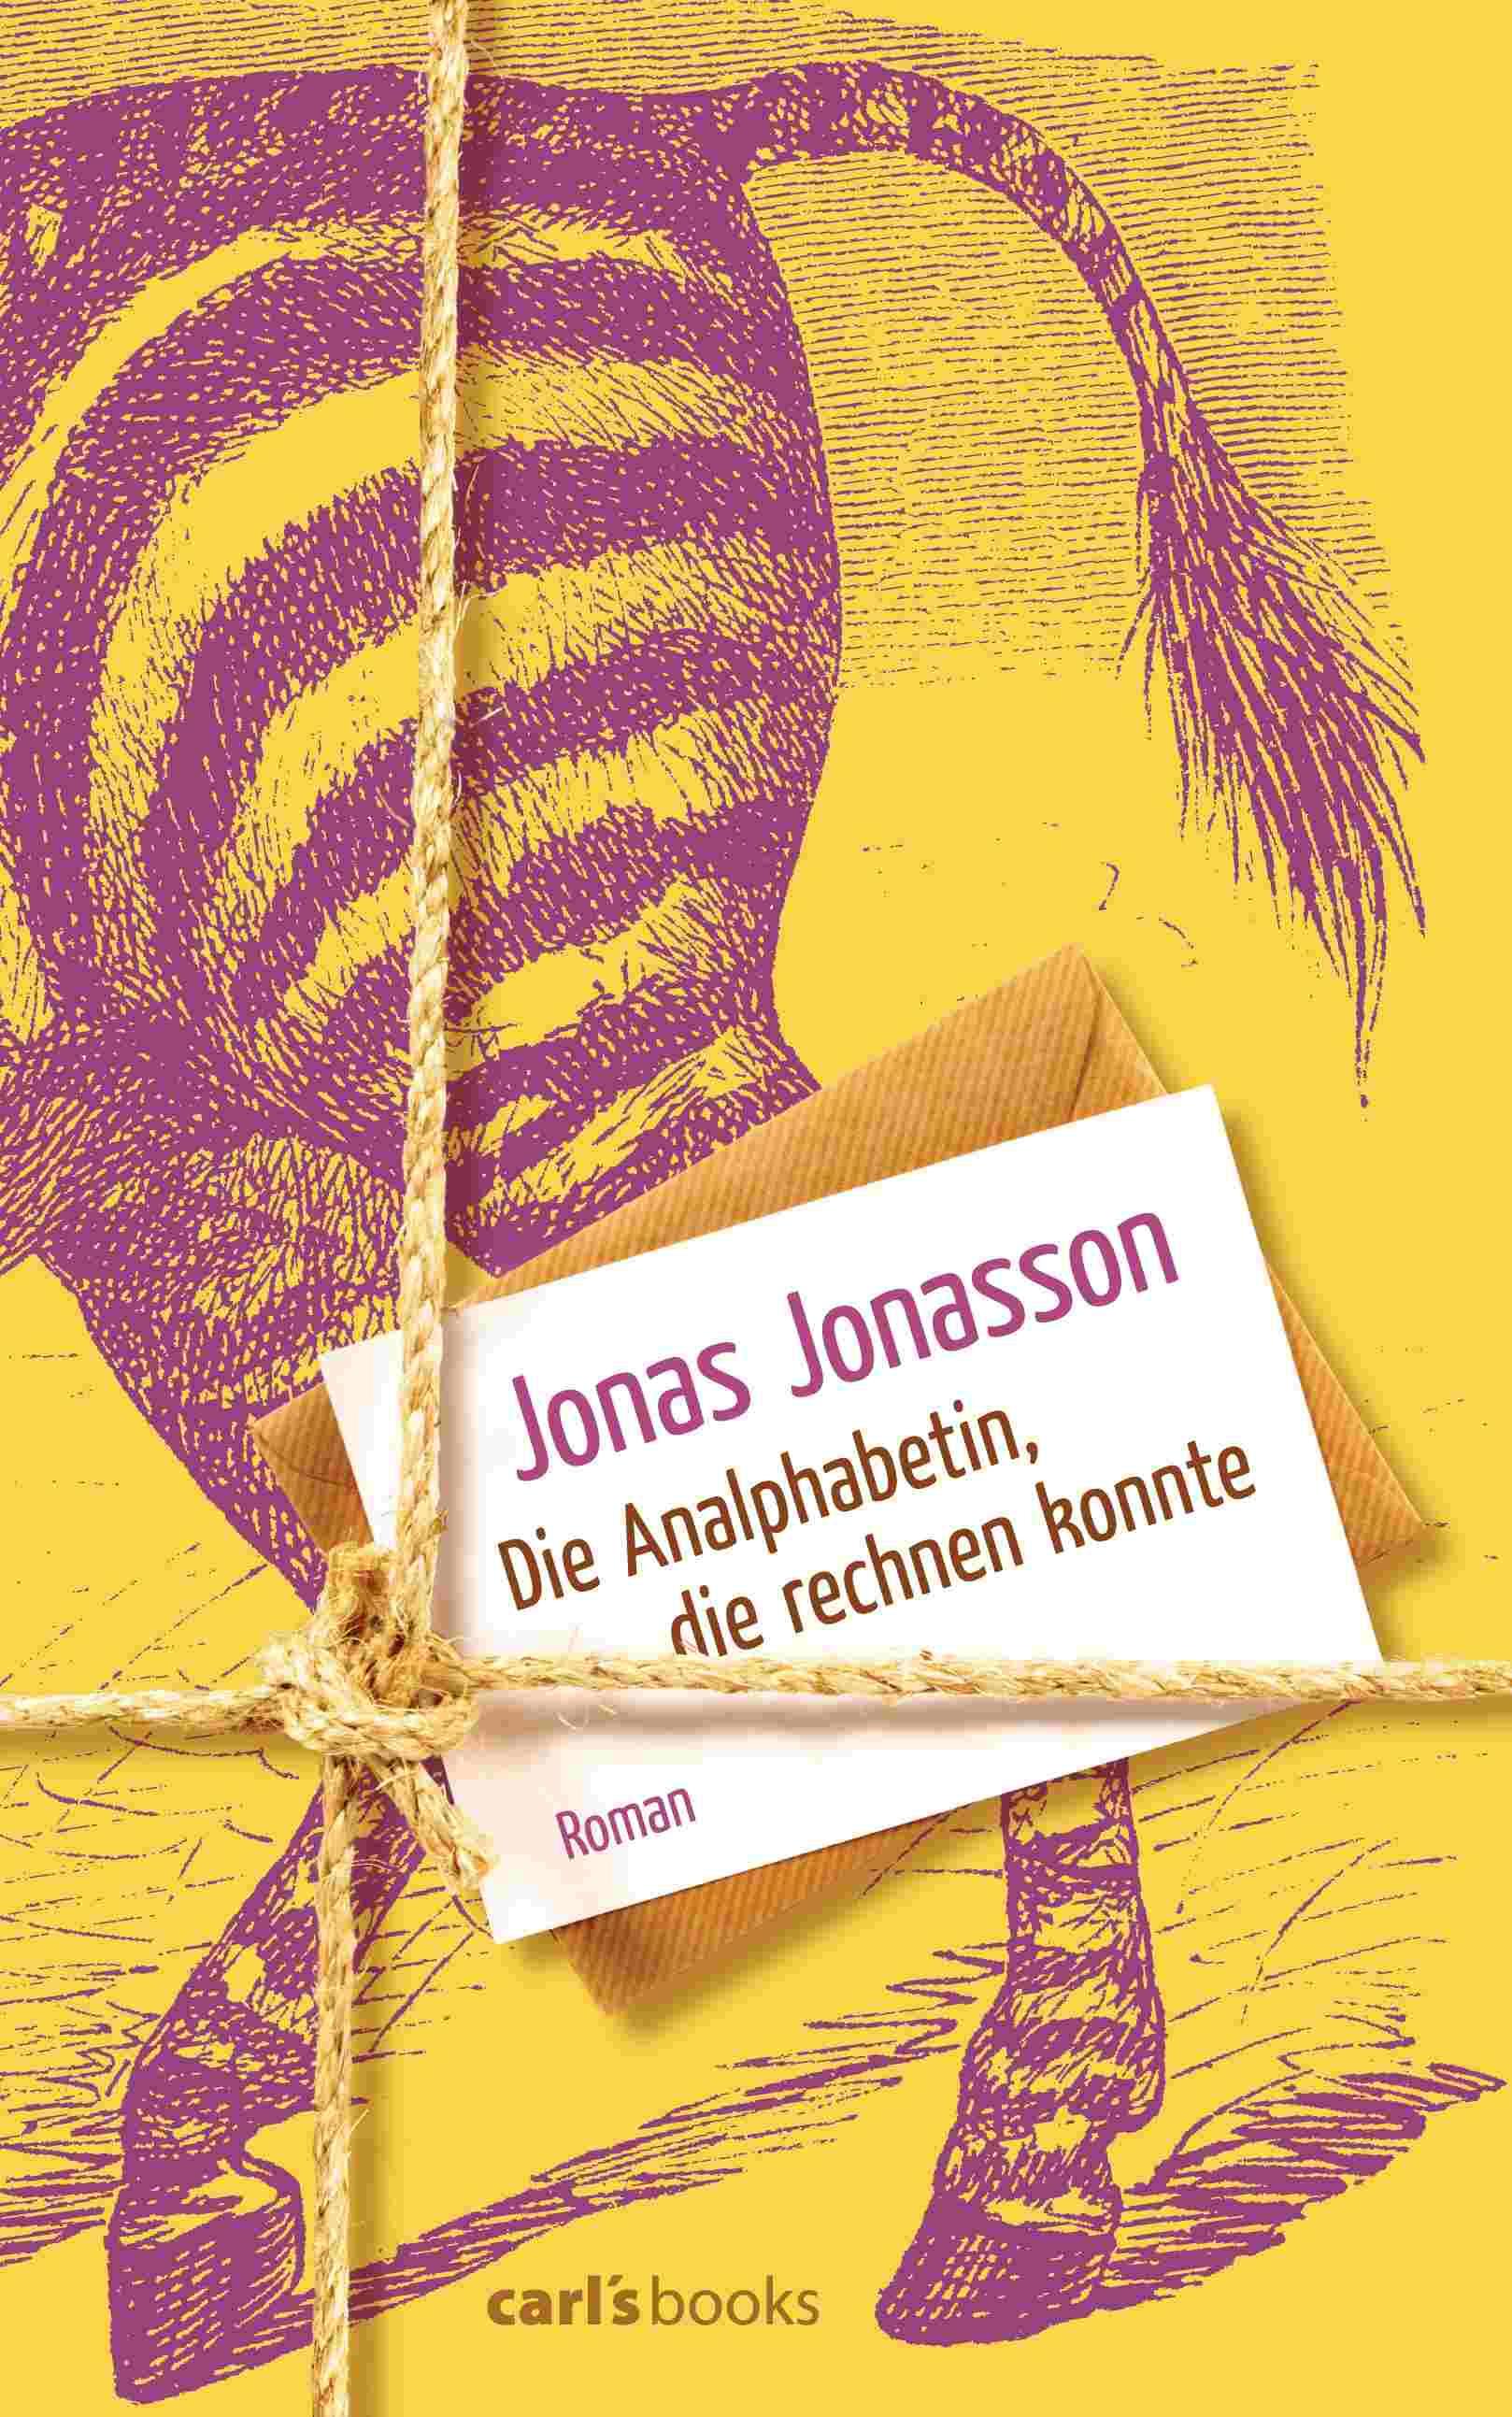 Jonas Jonasson Die Analphabetin, die rechnen konnte carl's books, 448 S., 15.11.2013